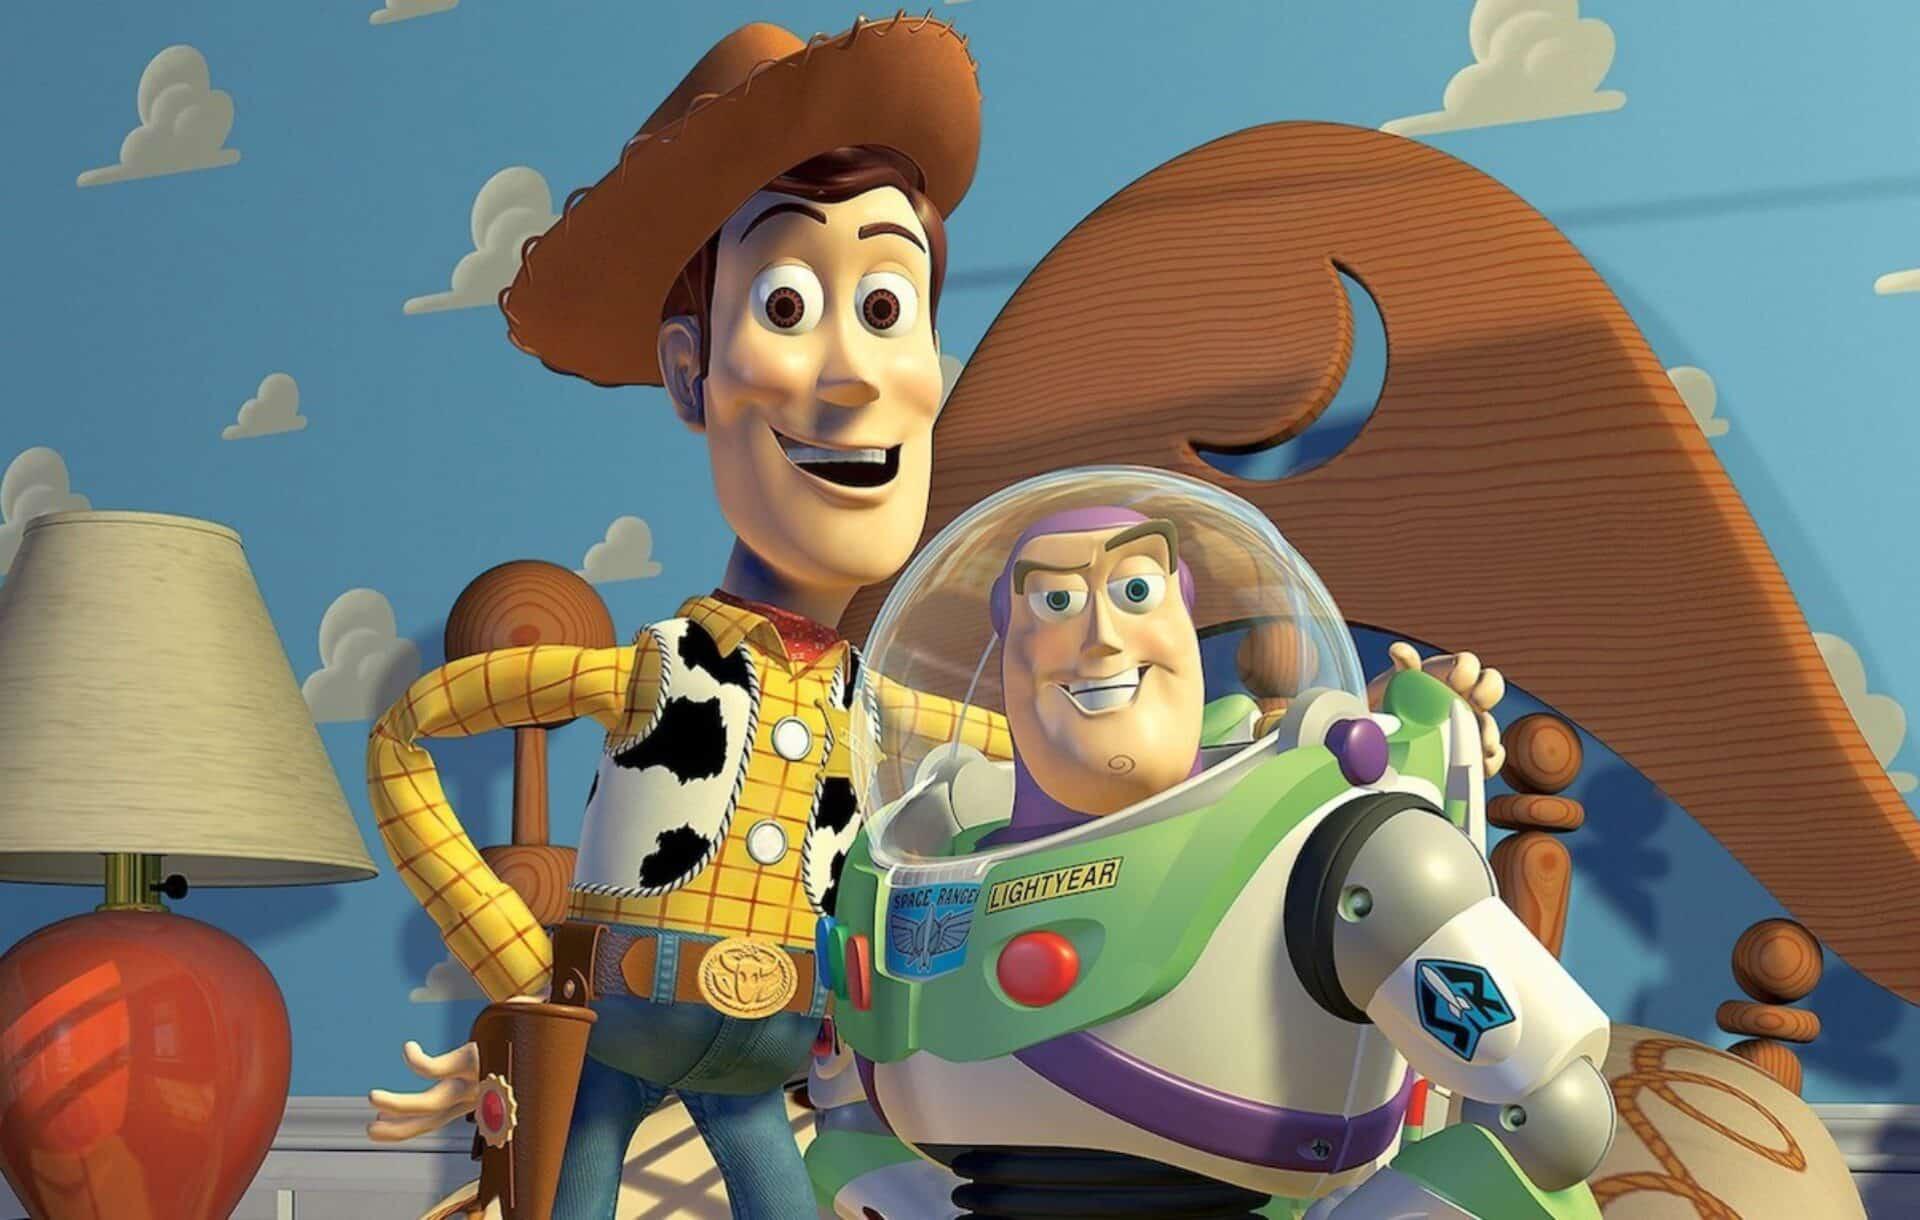 Toy Story Woody e Buzz Lightyear